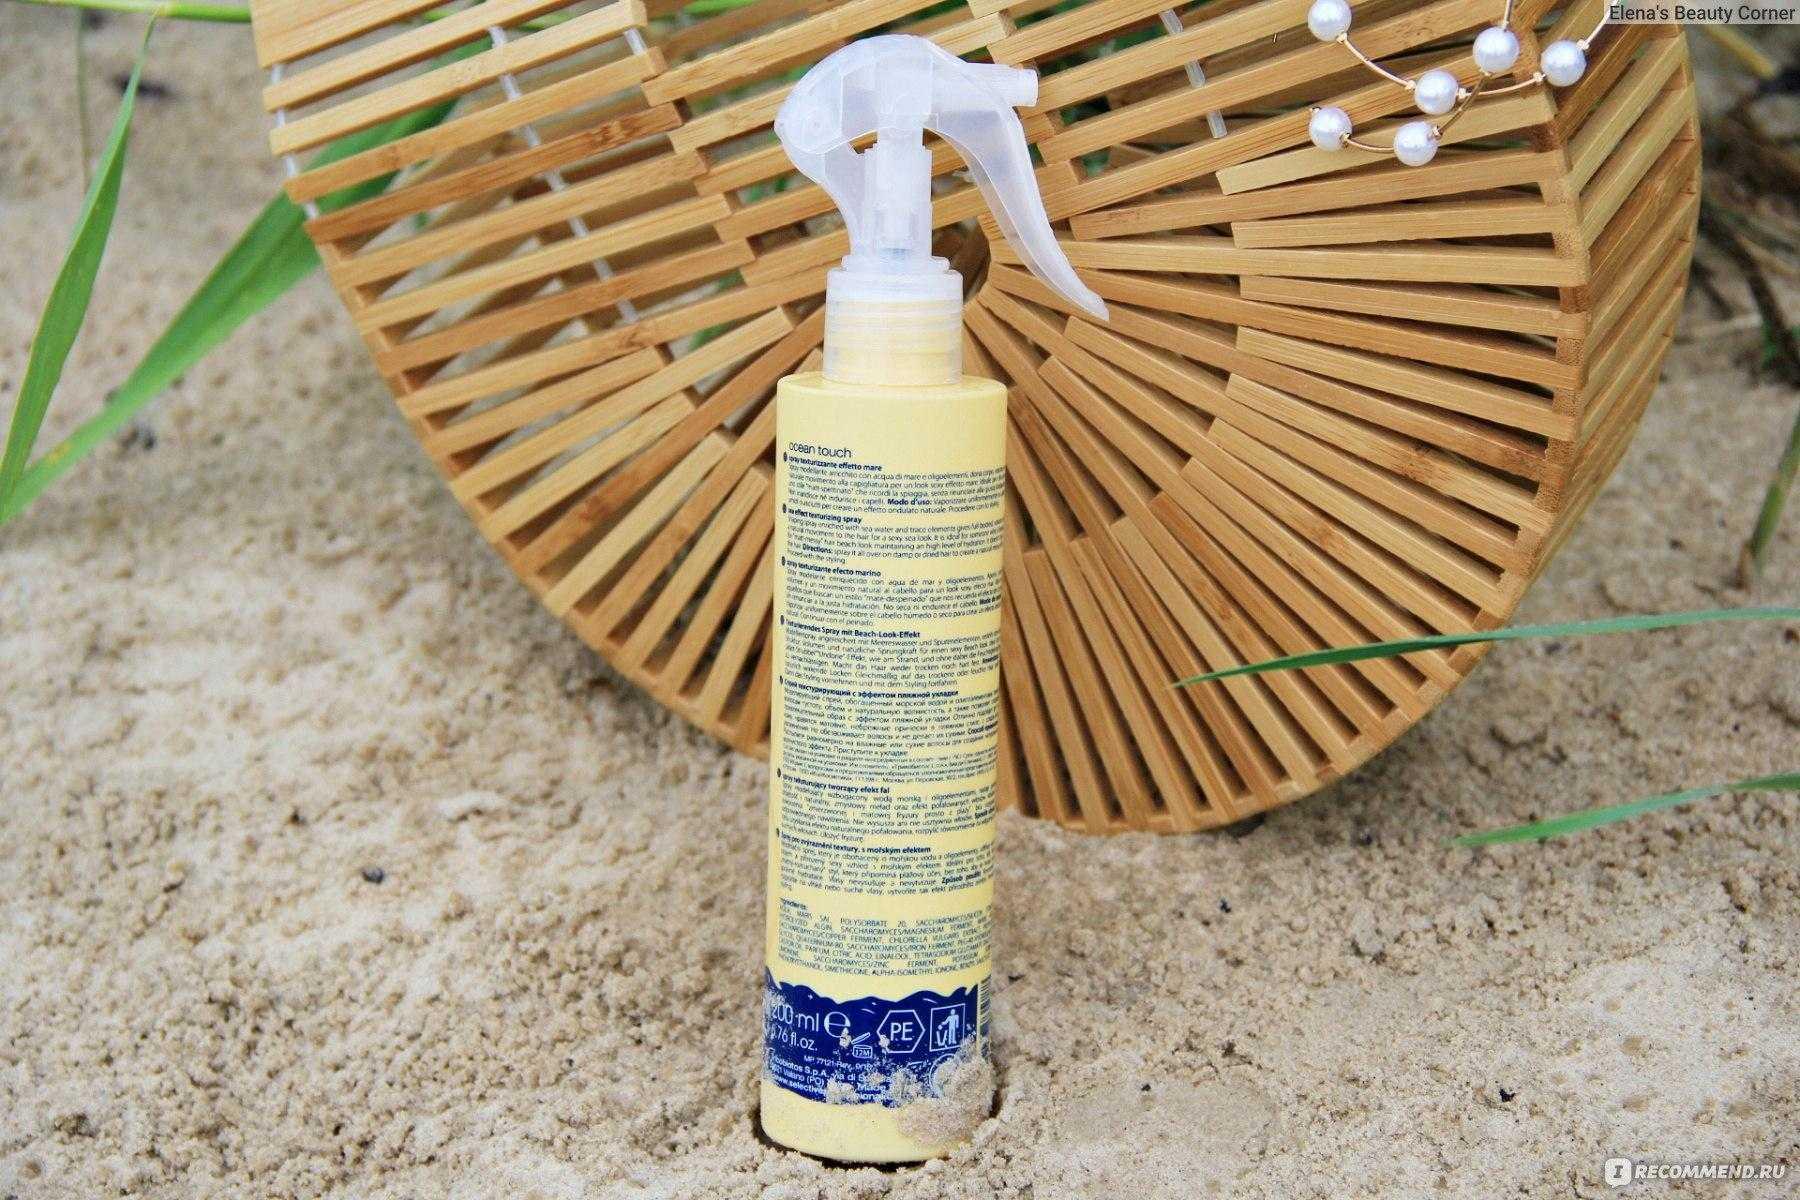 Правила ухода за кожей до, во время и после пляжа: советы и обзор 7 бьюти-средств